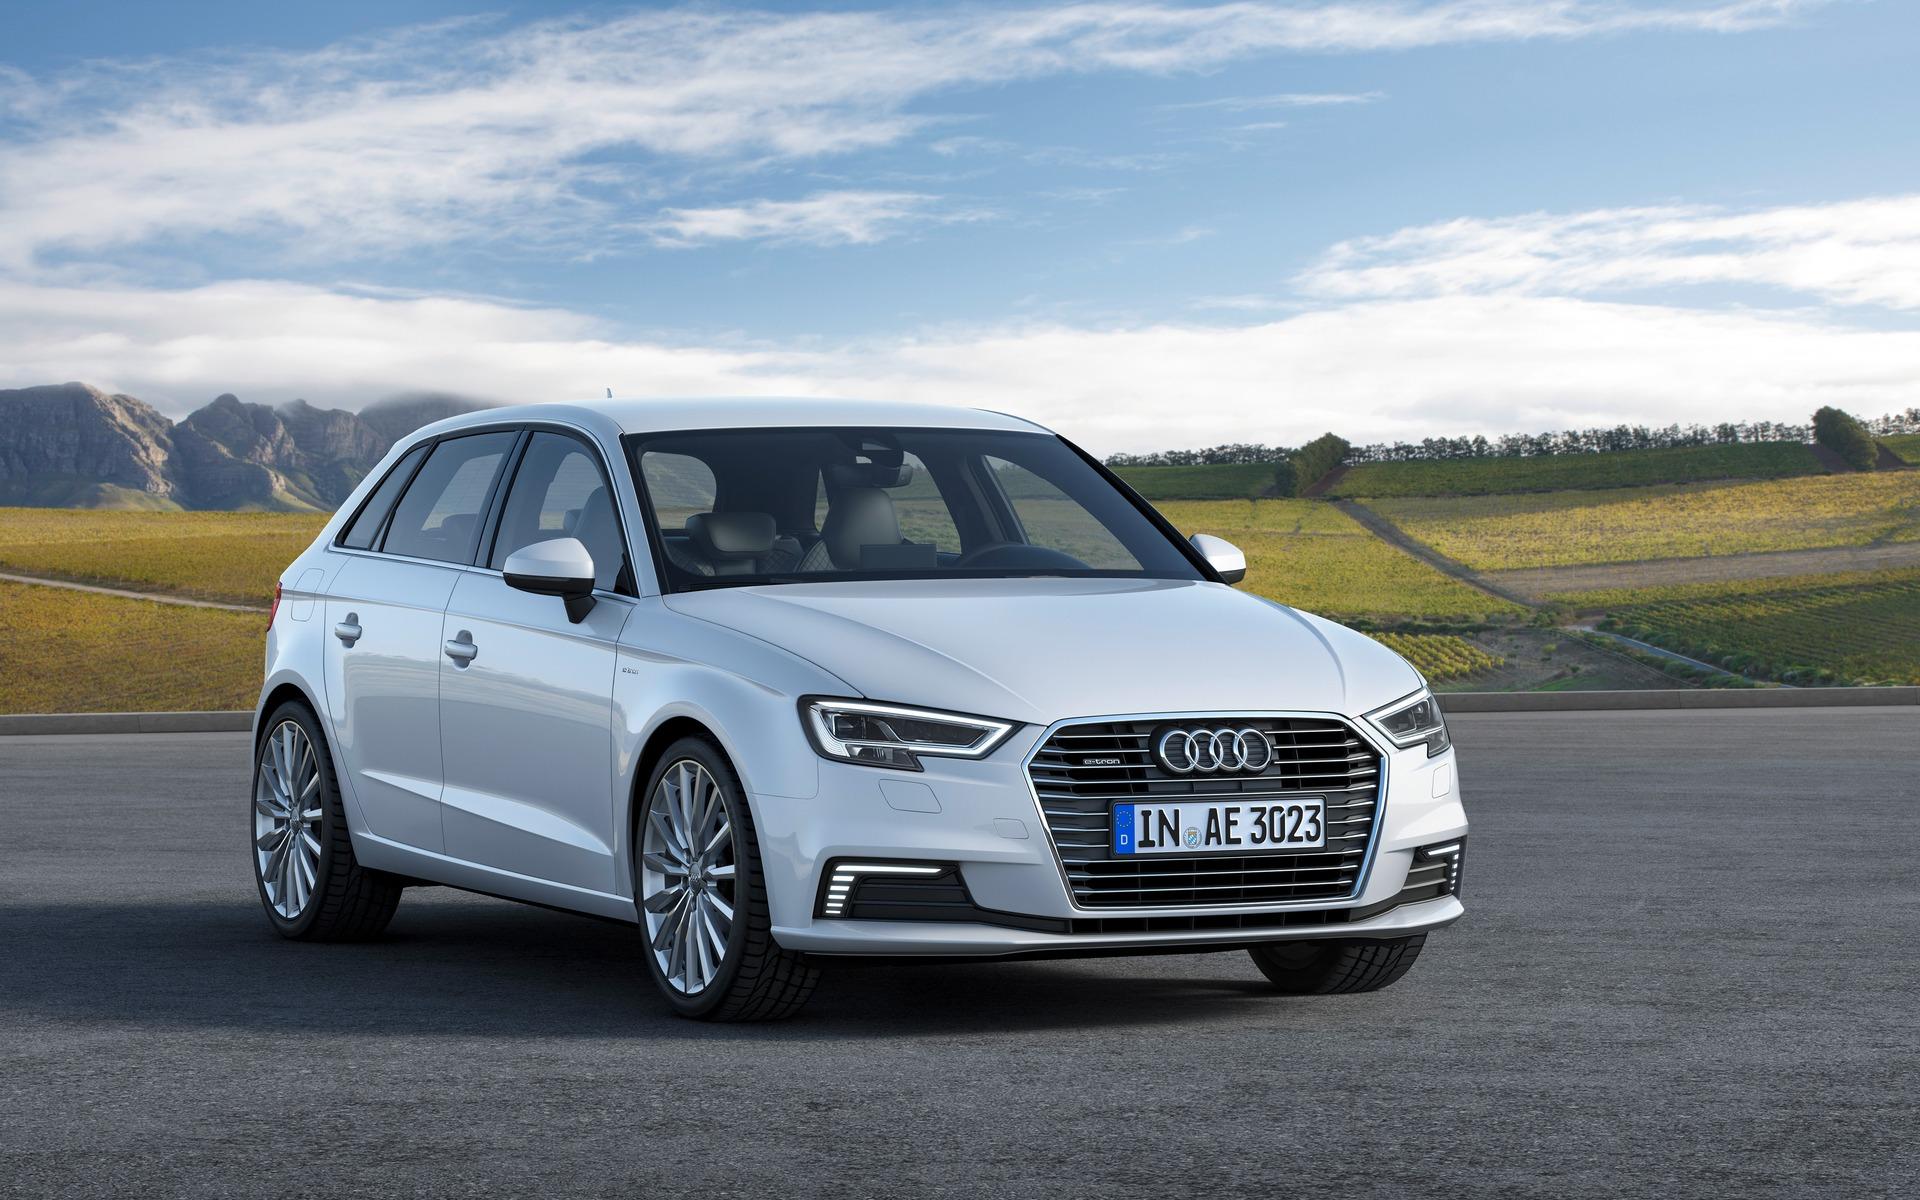 Kelebihan Kekurangan Audi A3 2018 Spesifikasi